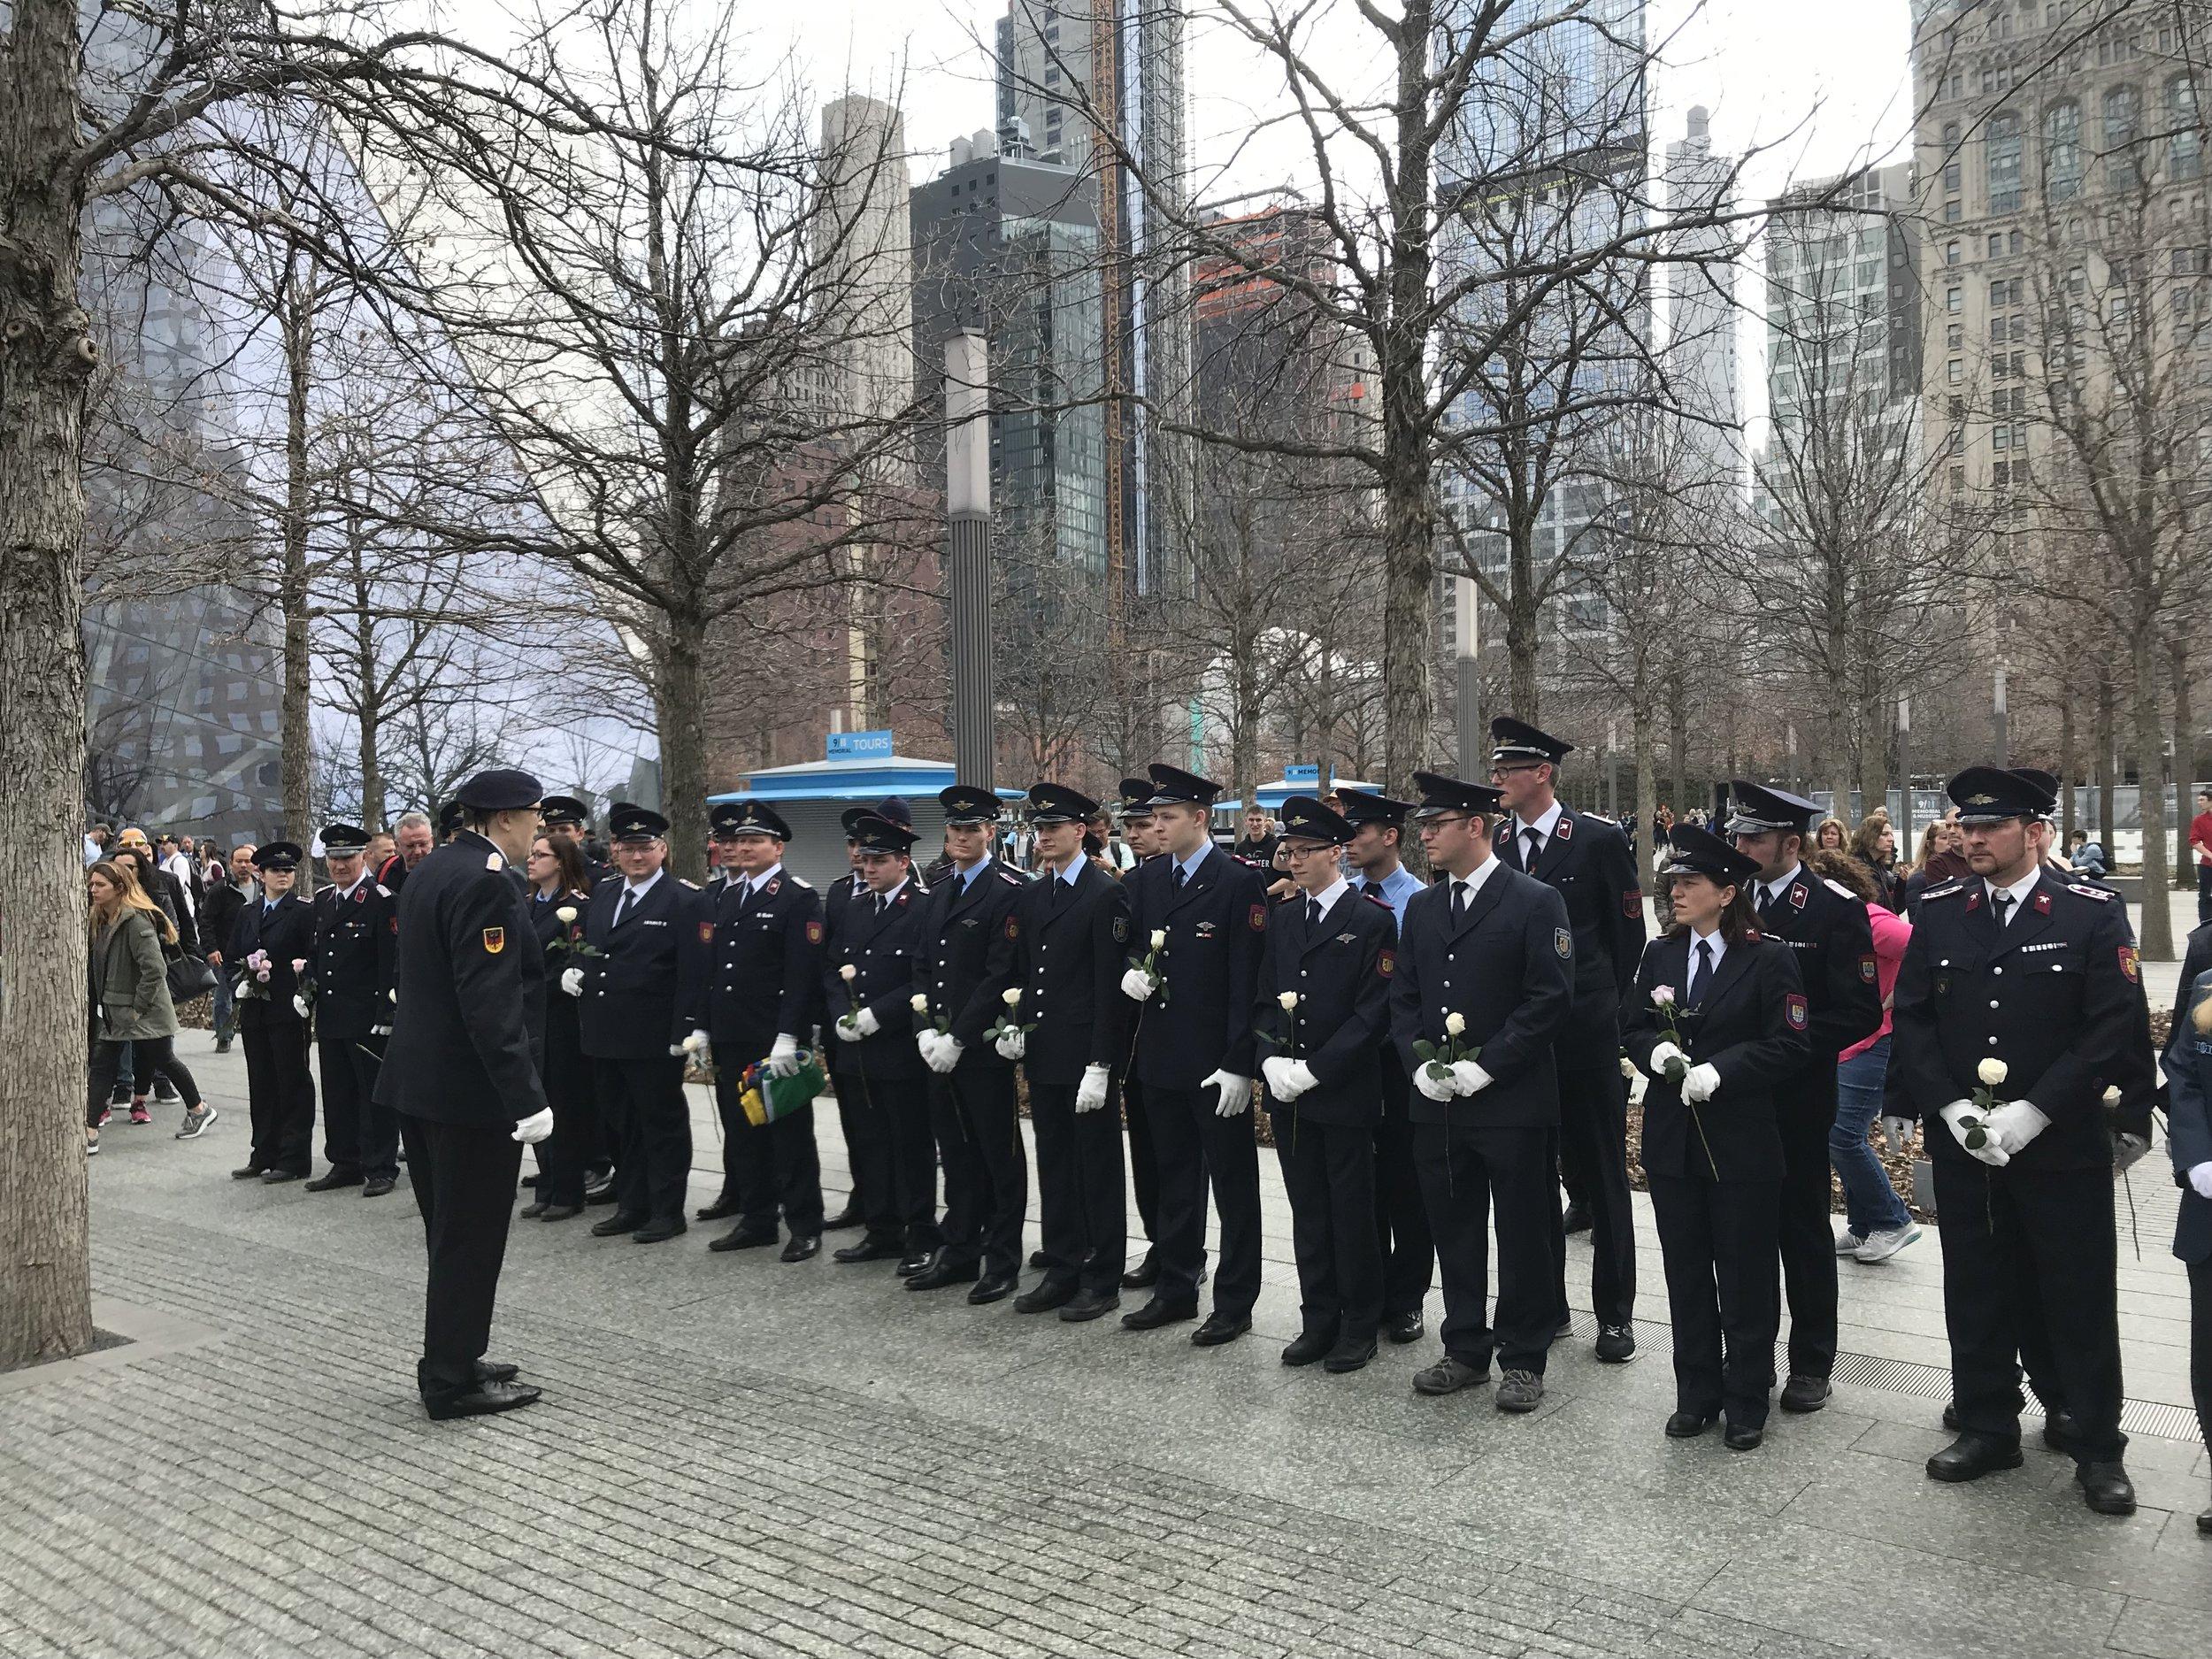 Schweigeminute für gefallene Kameraden vor dem 9/11 Memorial am Ground Zero  📸: Juergen Rudolph